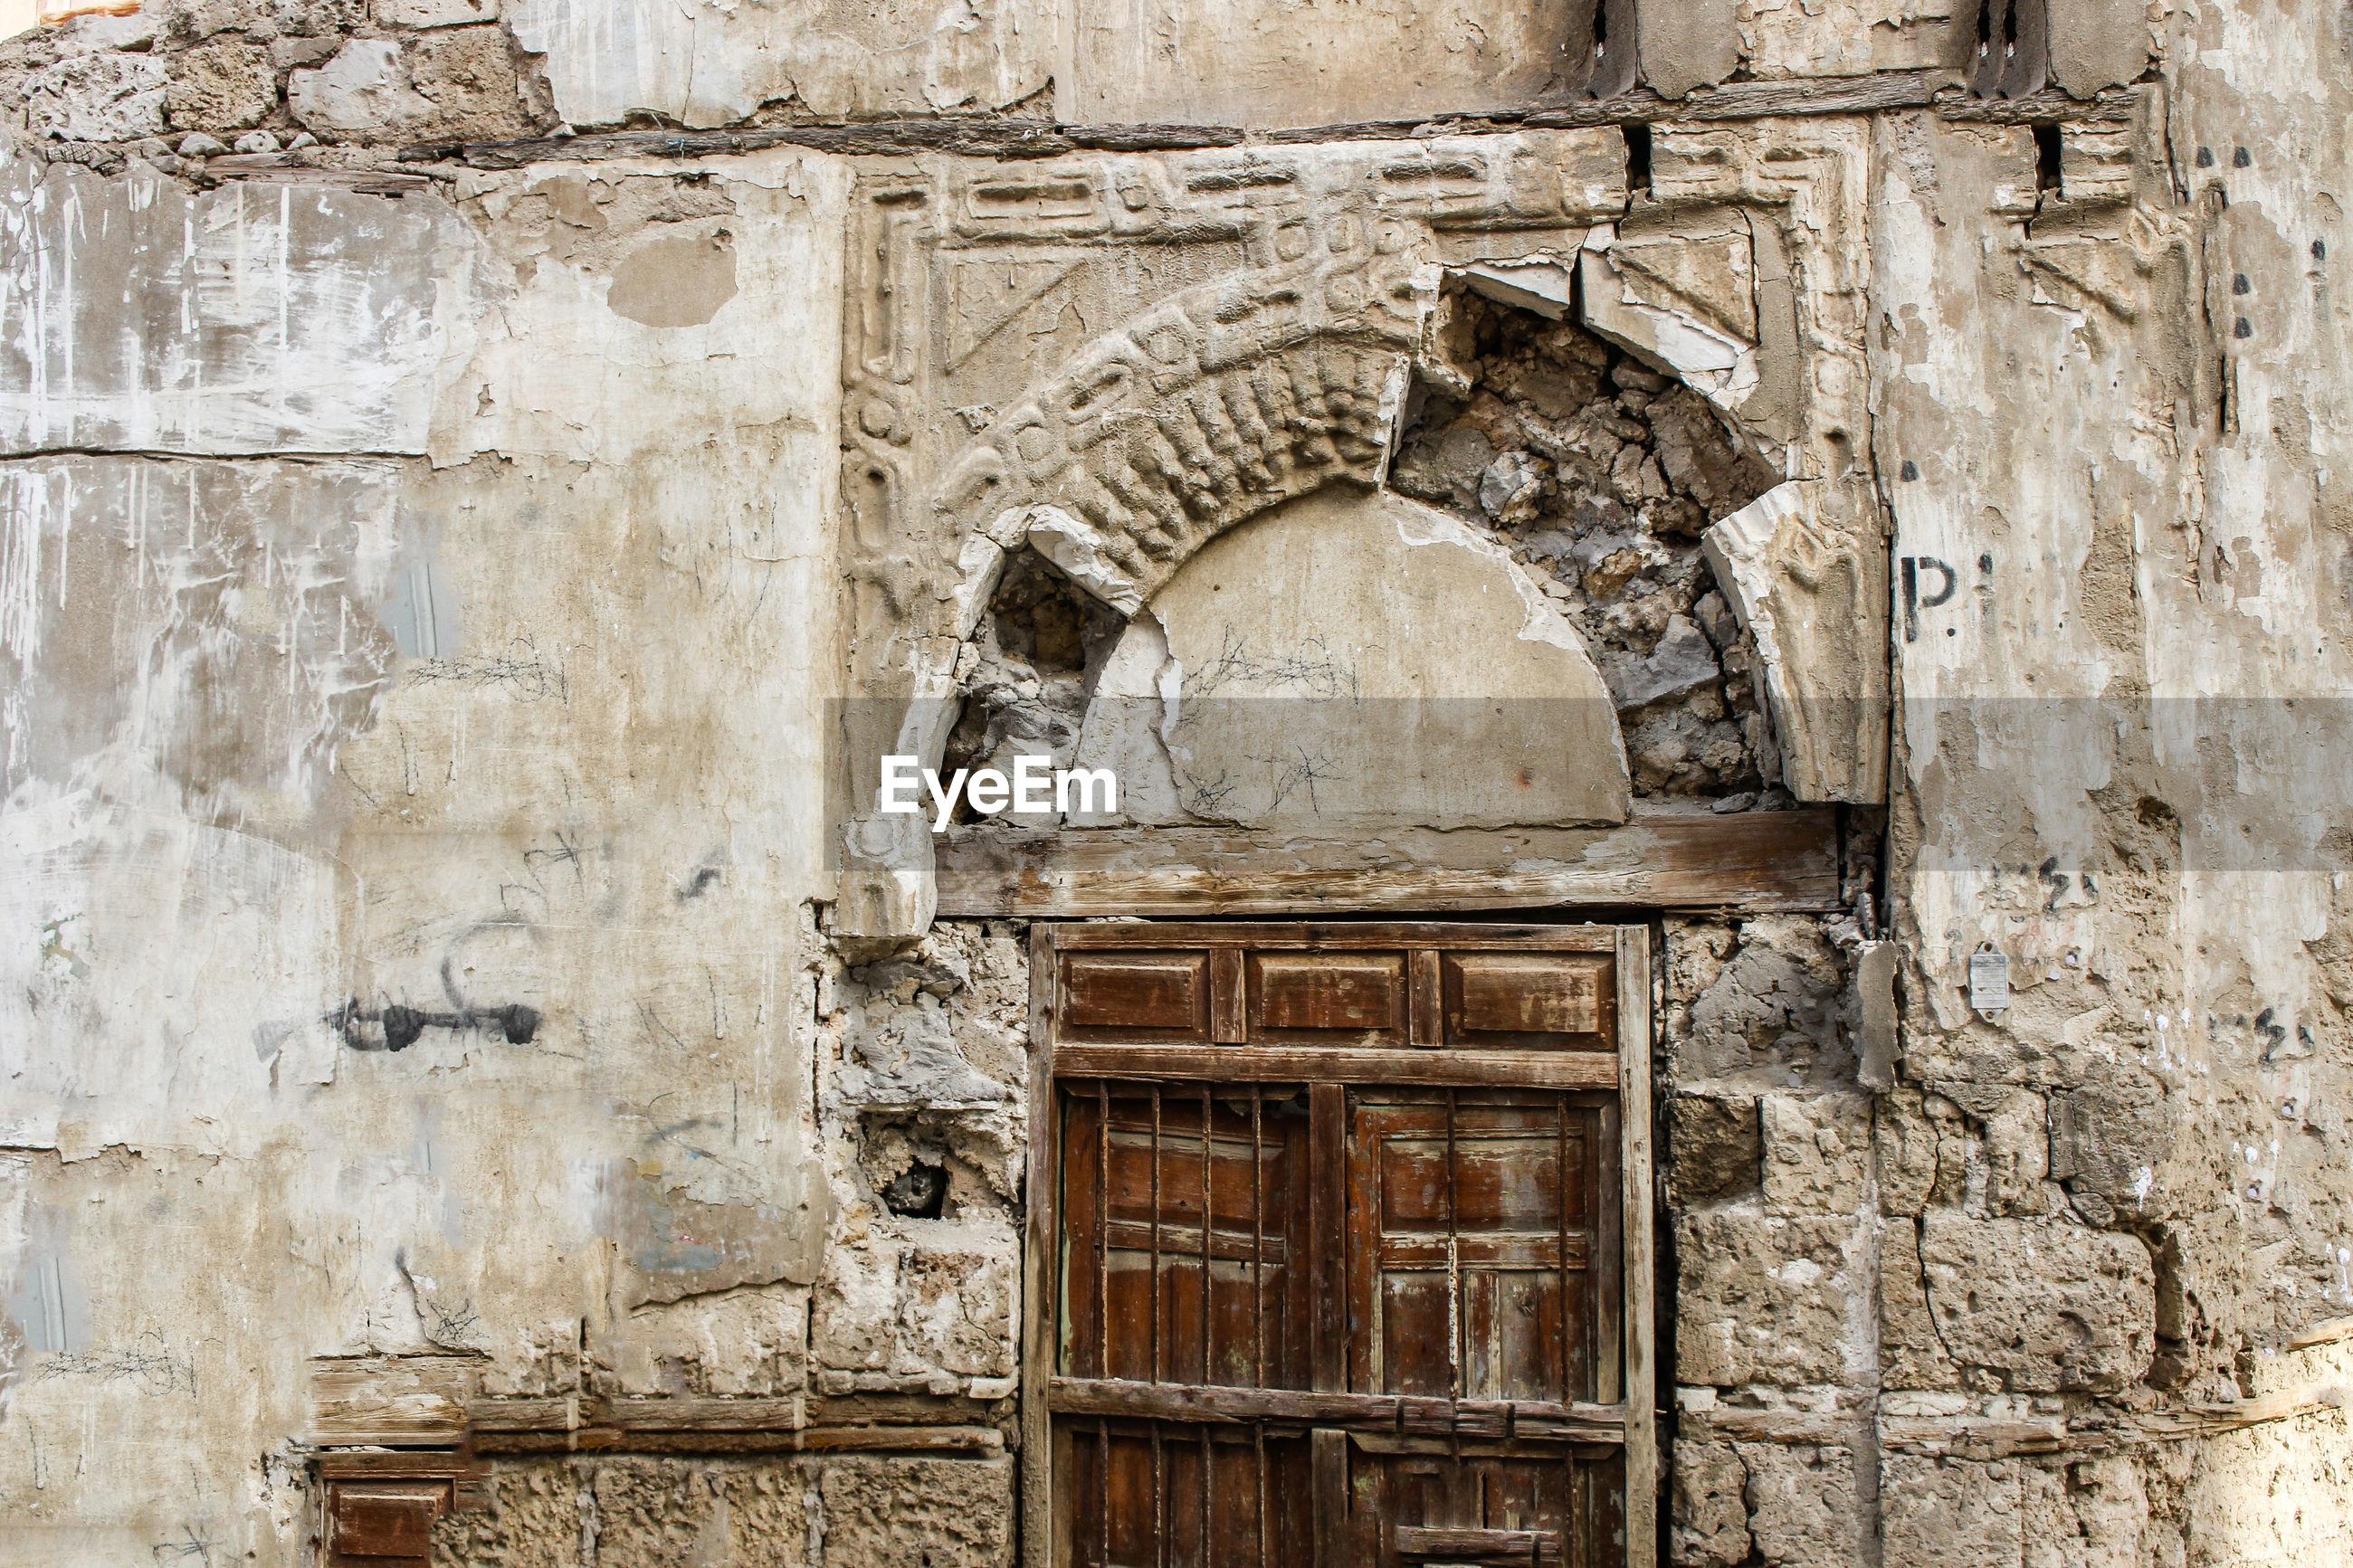 VIEW OF OLD BUILDING WITH DOOR